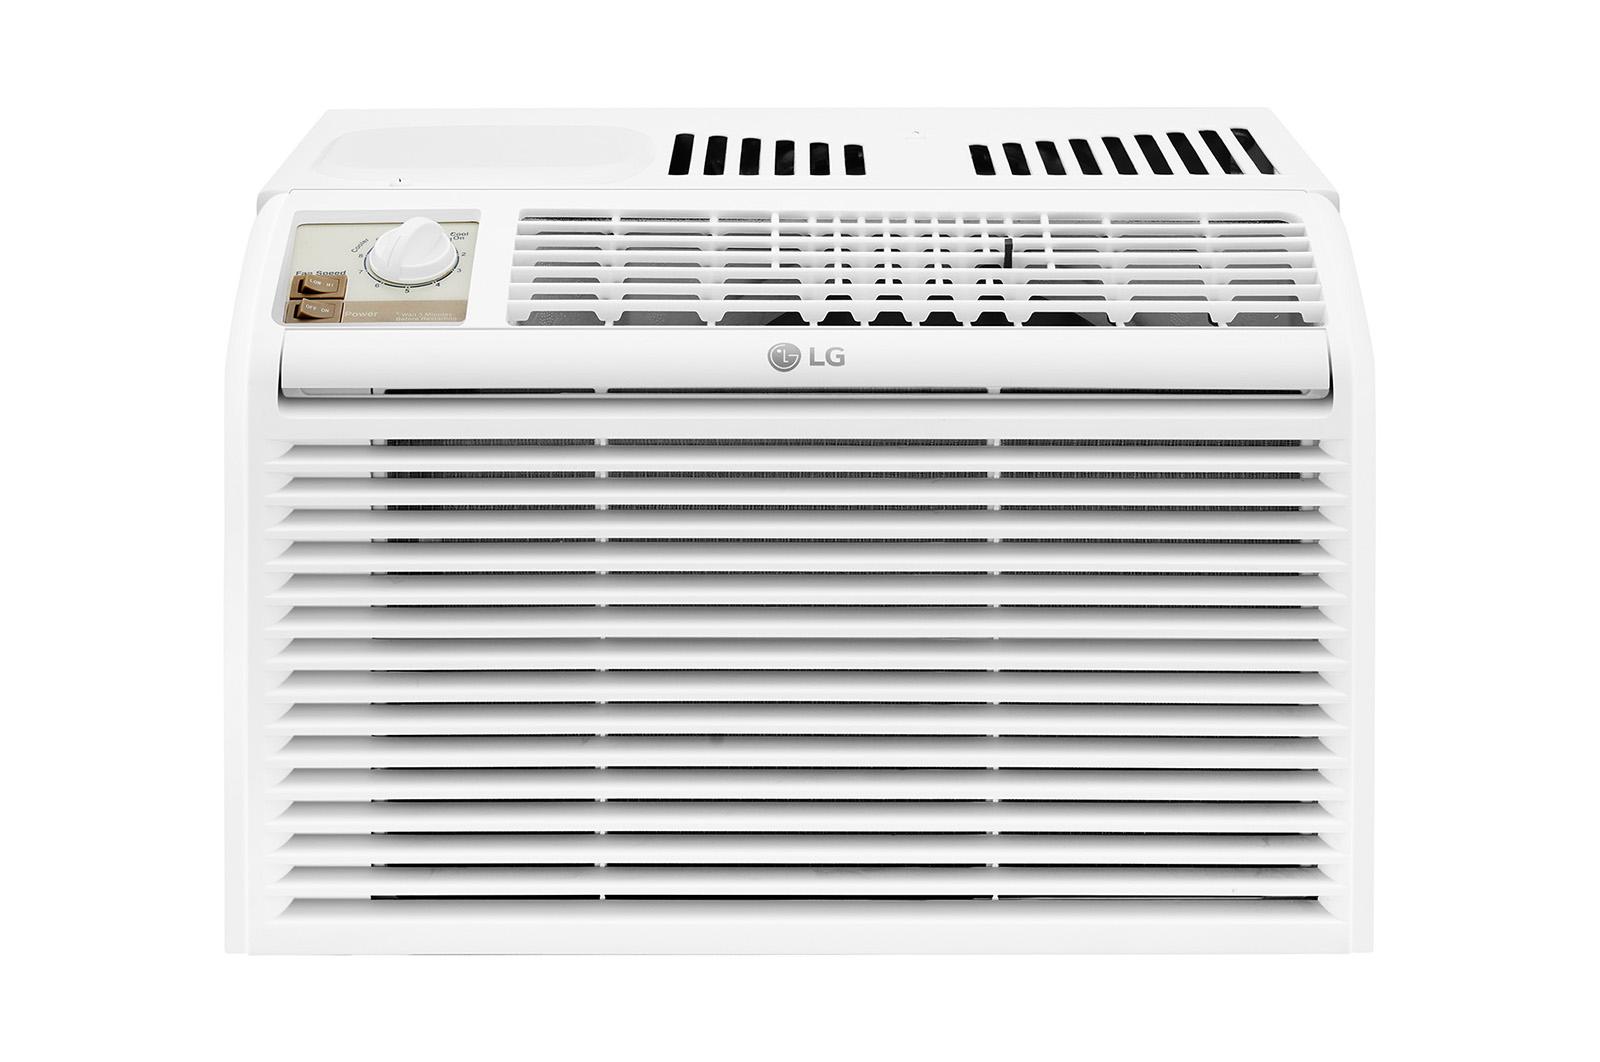 LG LW5016 5000 BTU Window Air Conditioner with Manual Controls - 115V